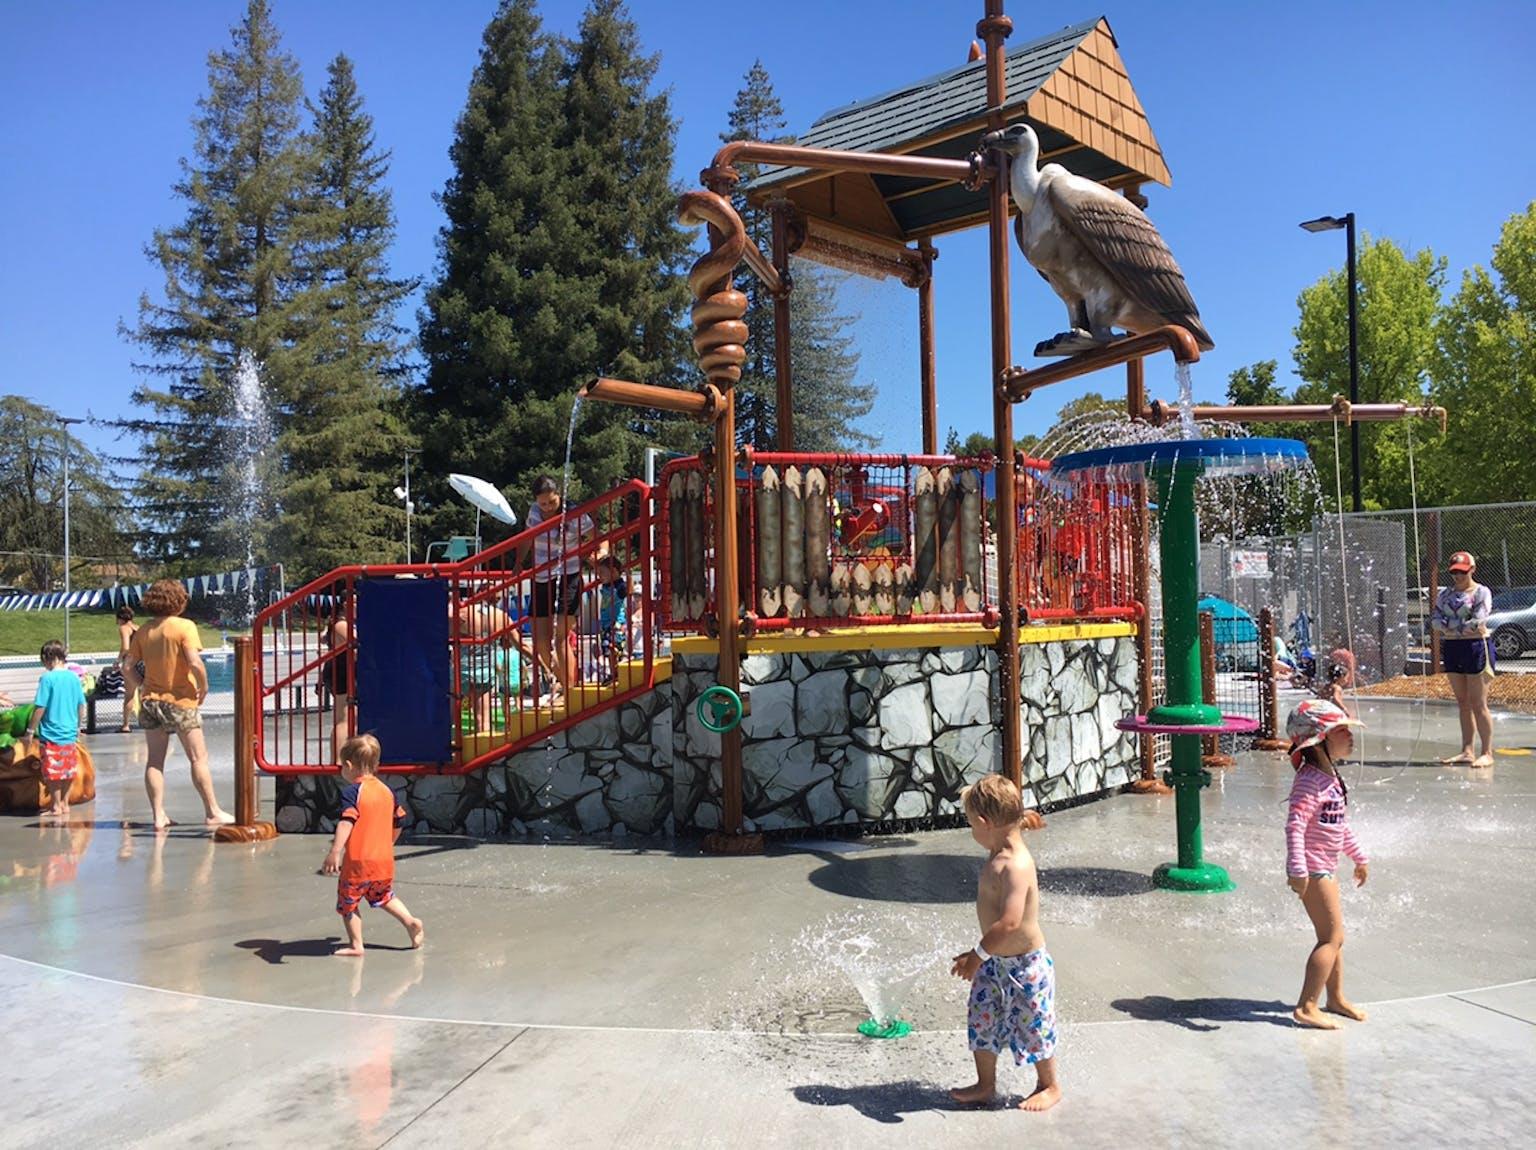 Larkey Park Swim Center in Walnut Creek, CA